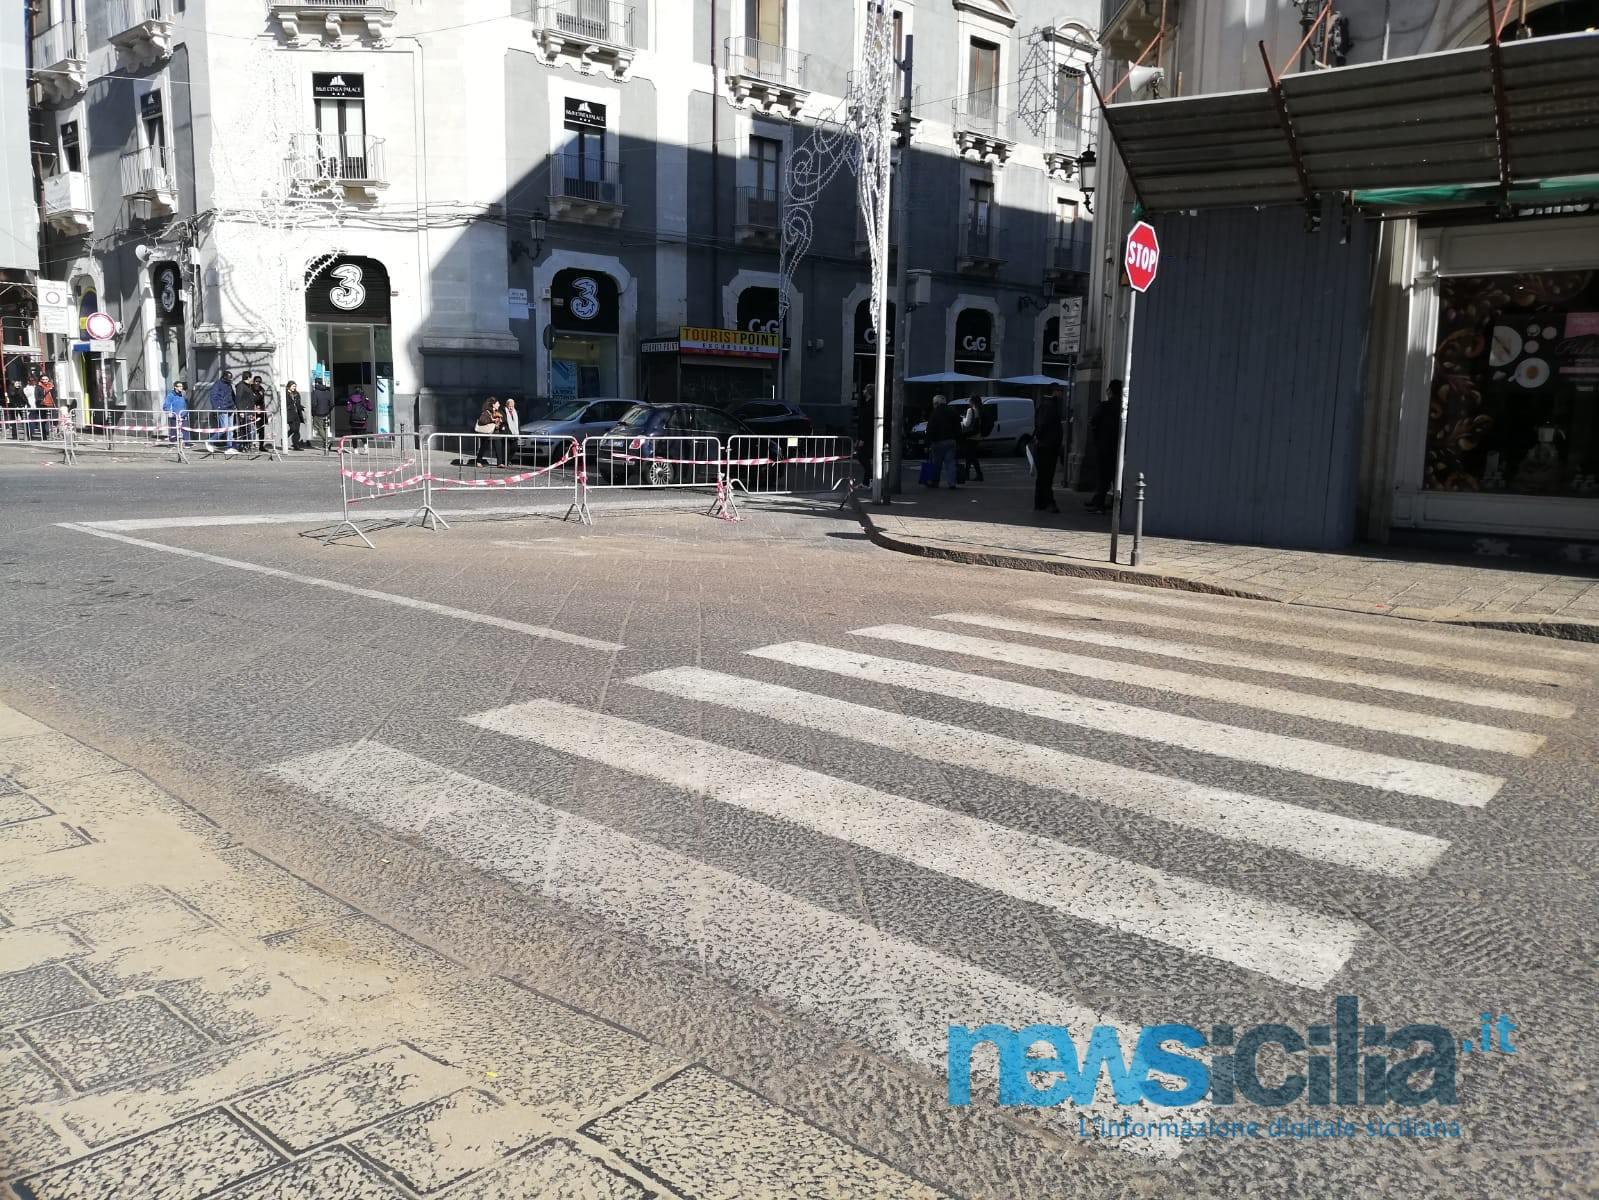 Sant'Agata, rimozione di cera e segatura tra ritardi e disagi: corsa contro il tempo per ripulire il centro storico – FOTO e VIDEO